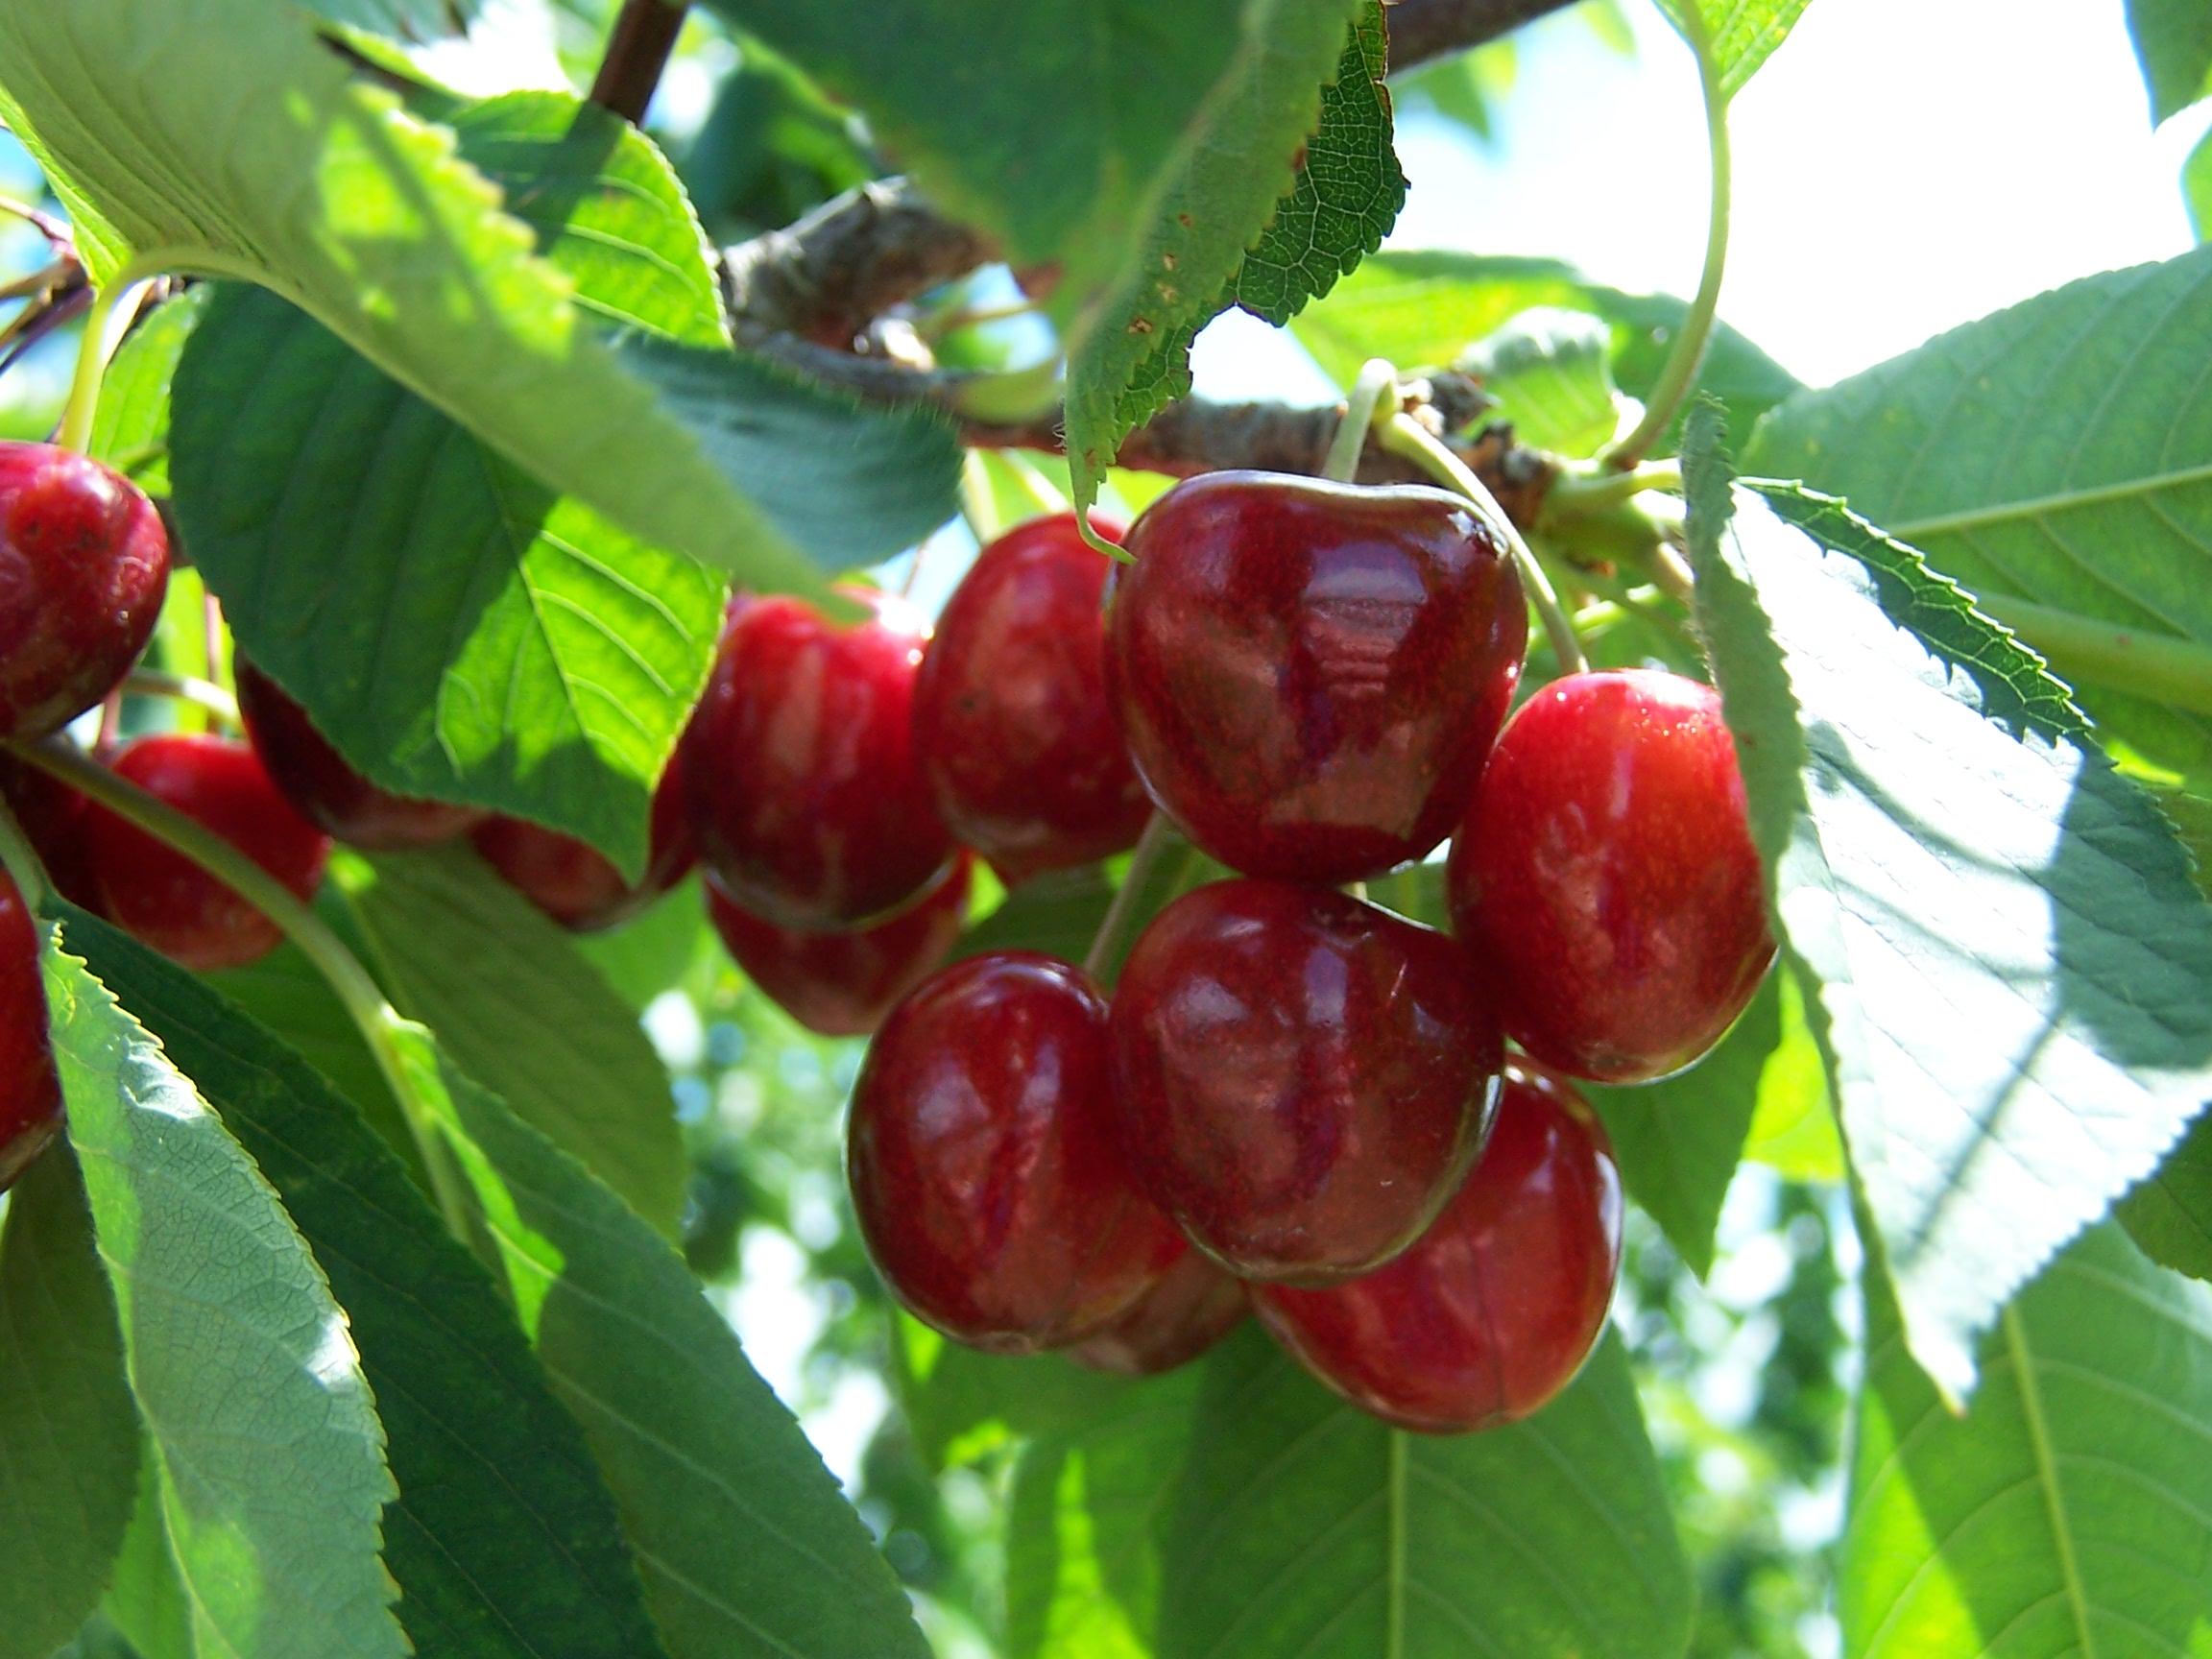 U-Pick Fruits